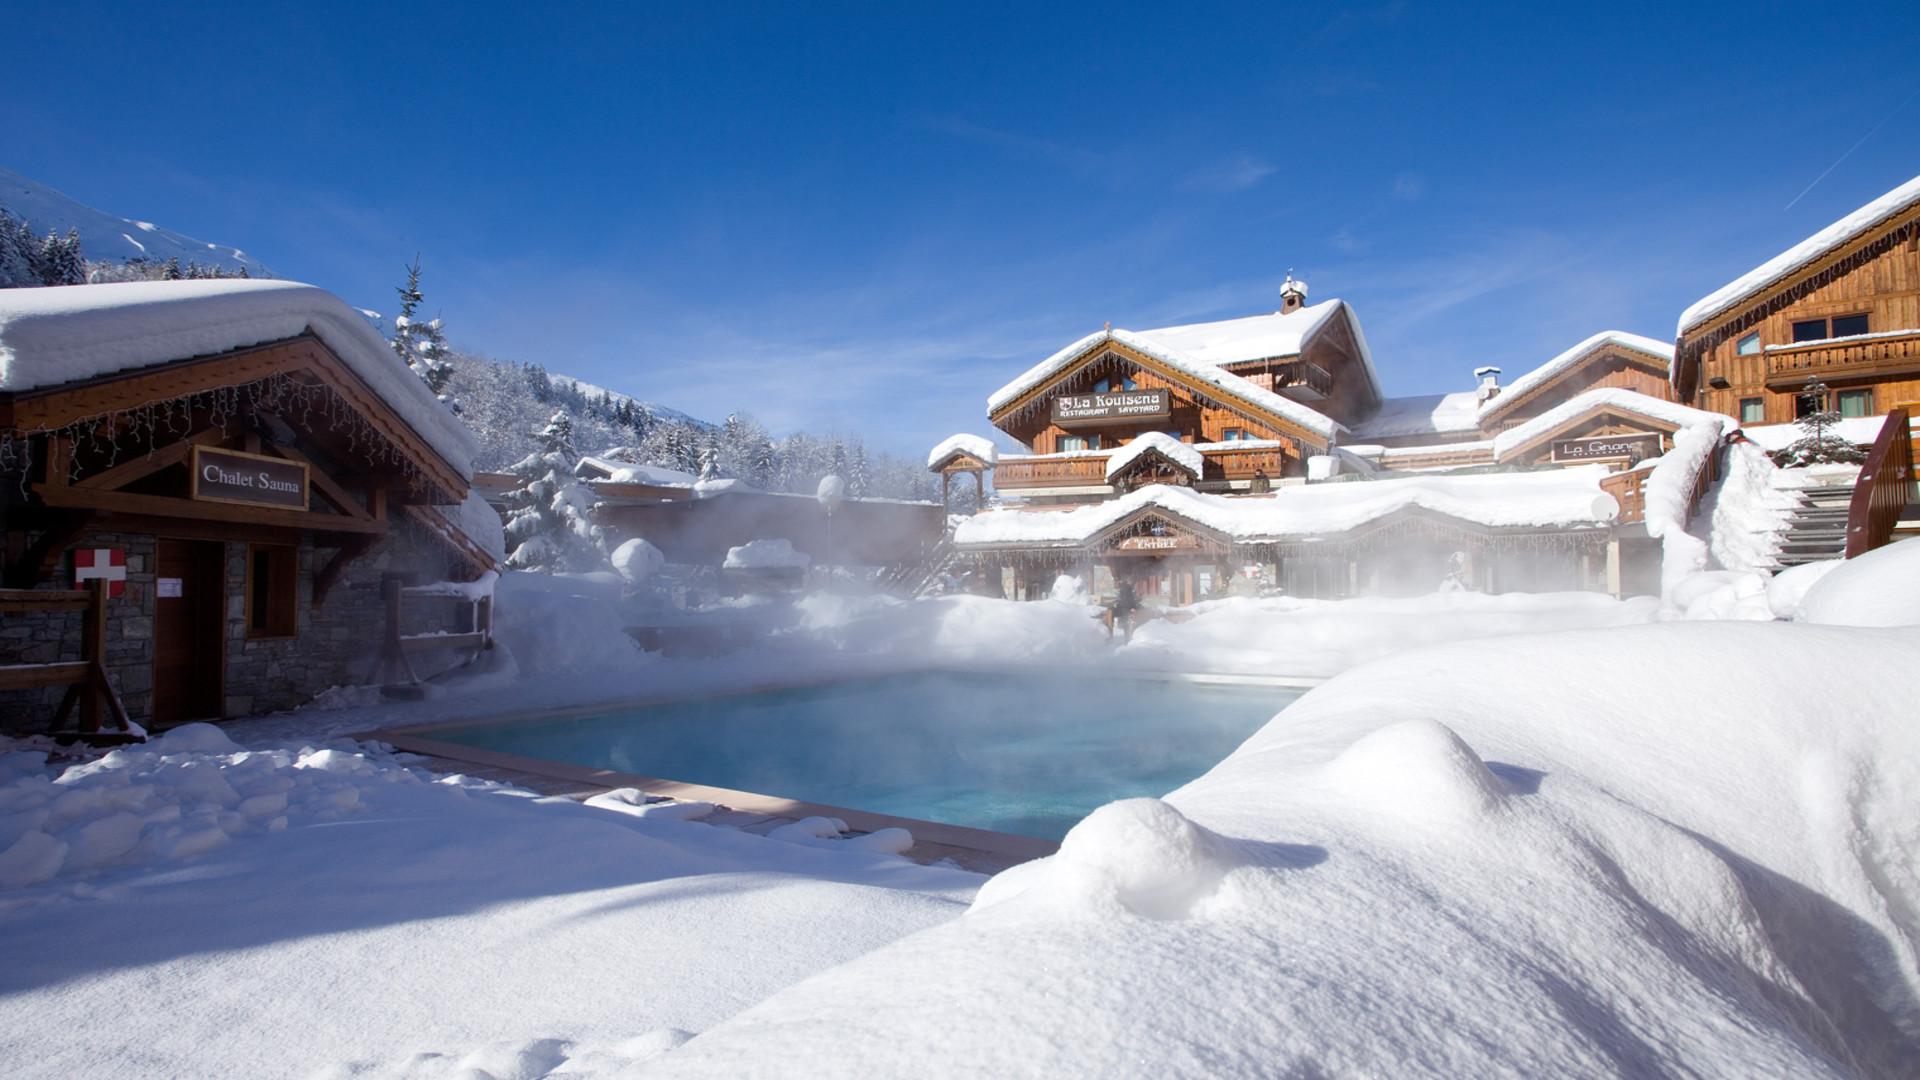 схема курорта менуир отель mont vallon